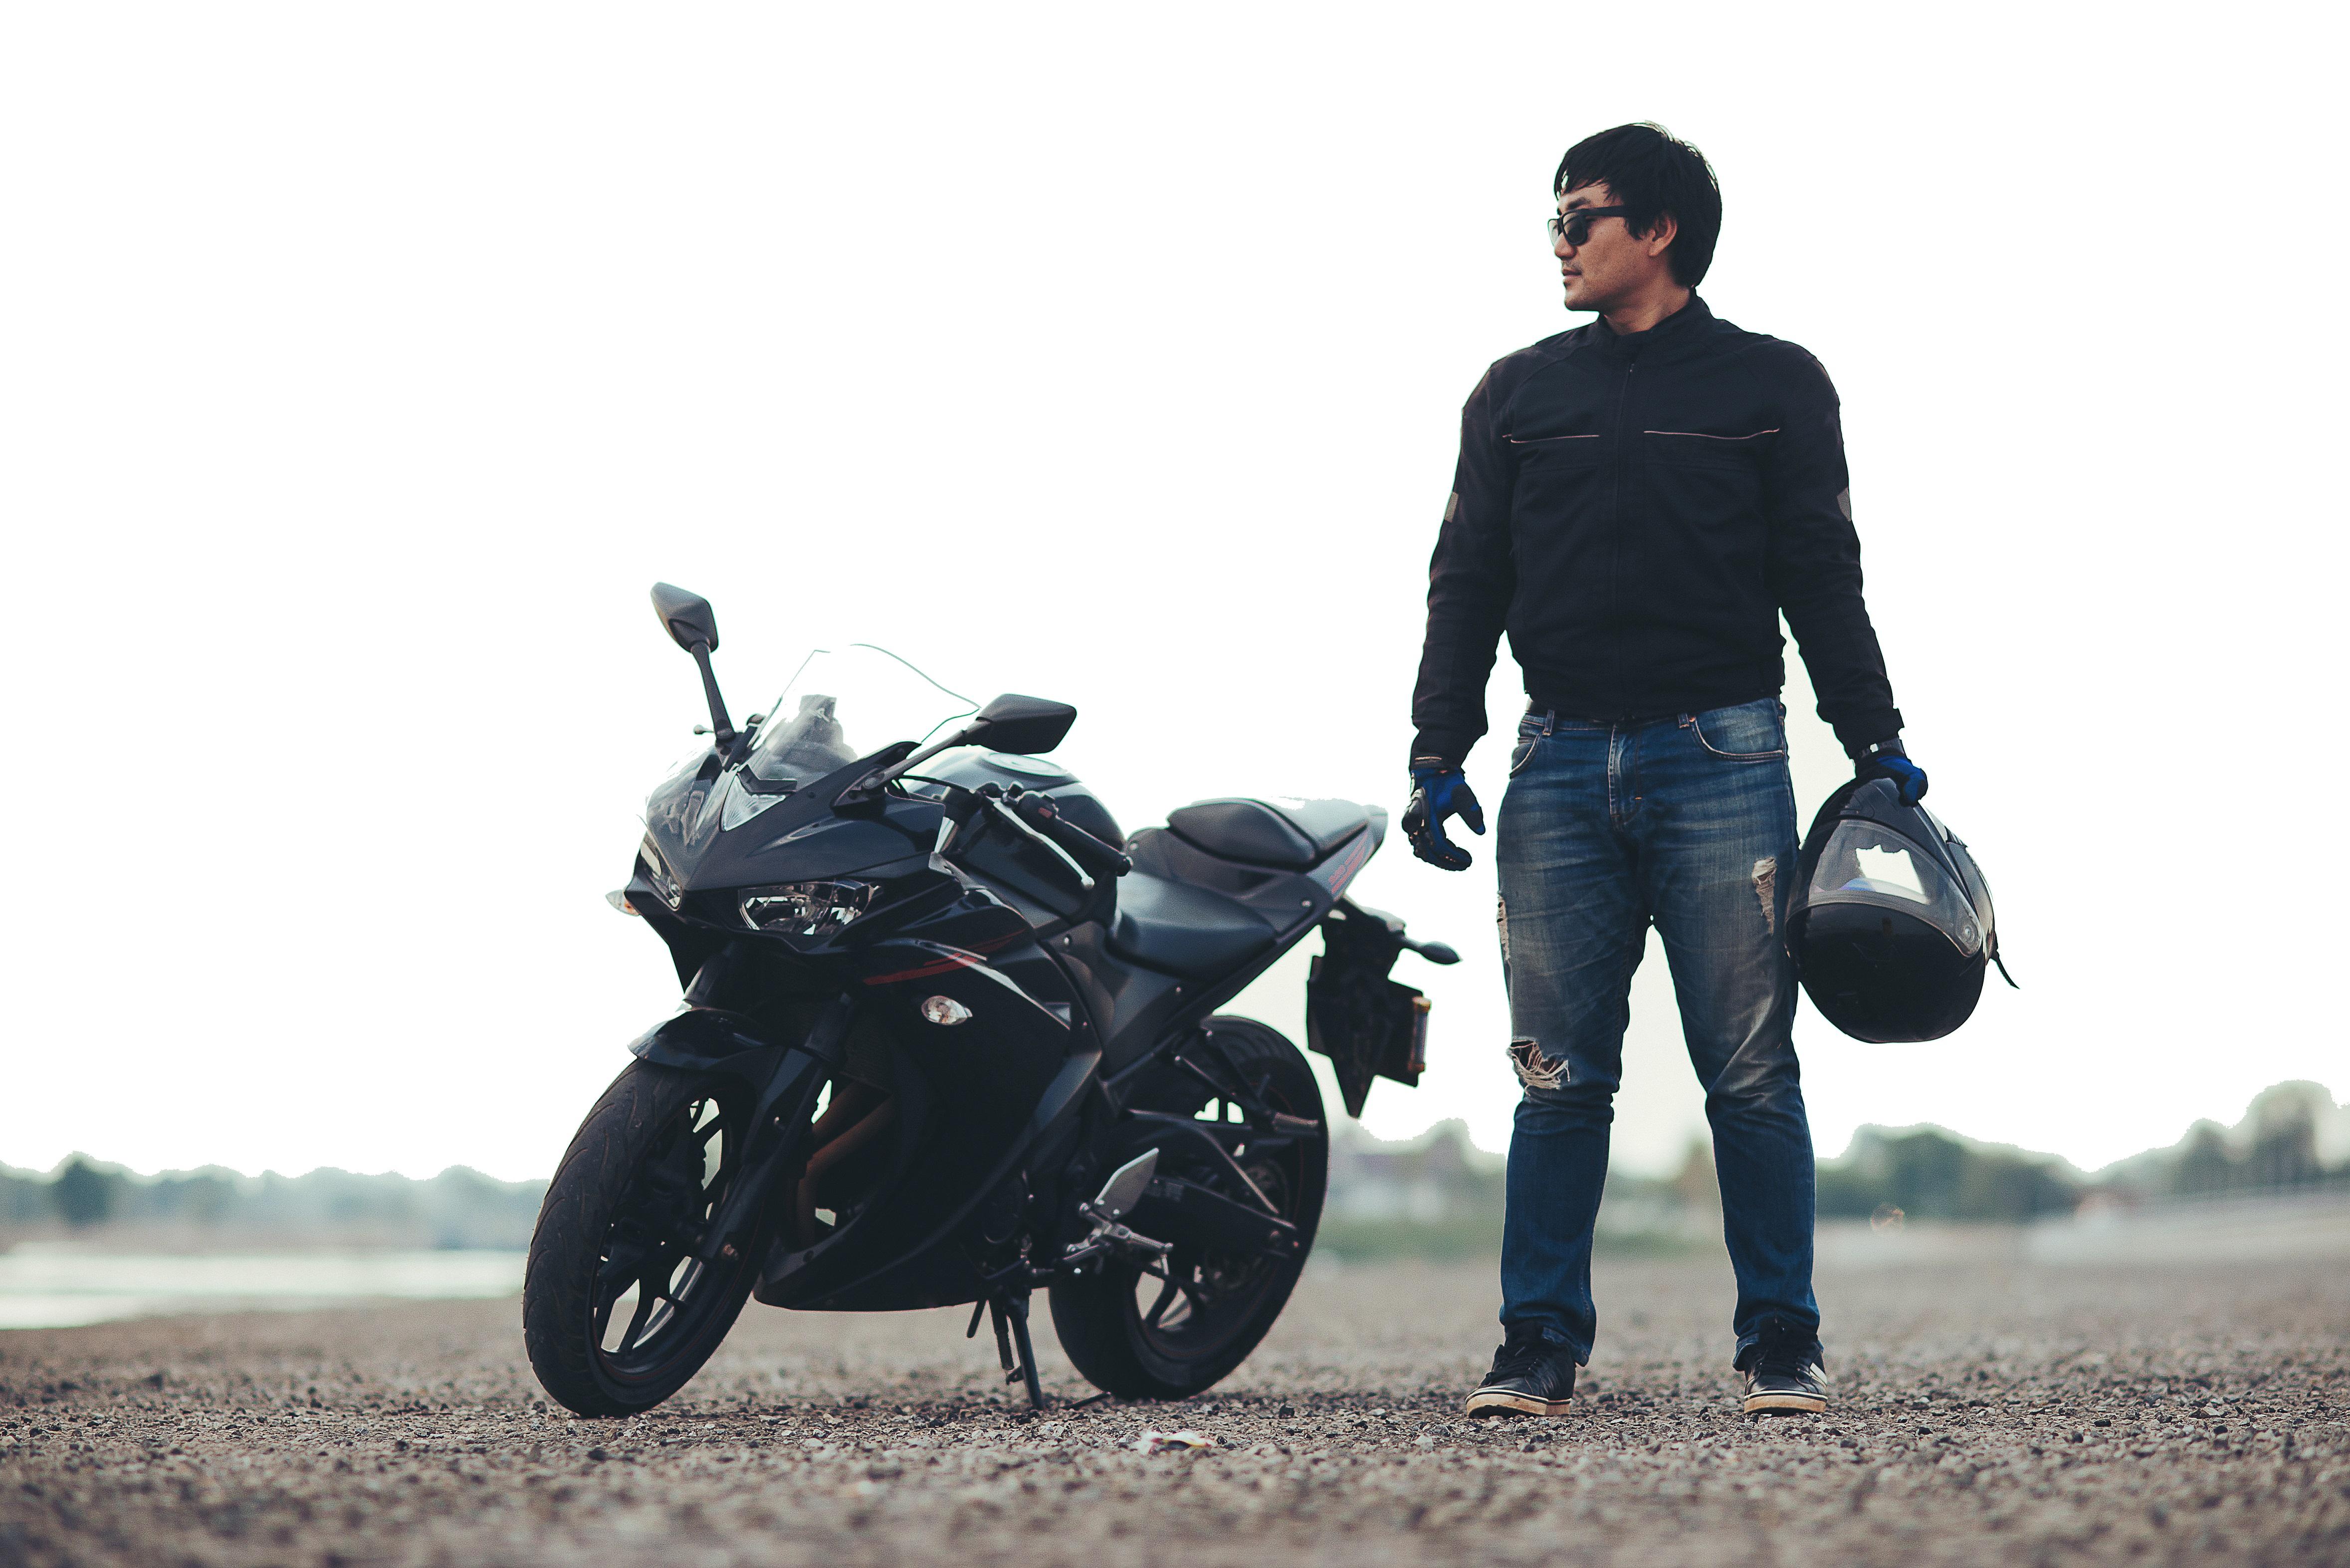 pertanyaan tentang safety riding